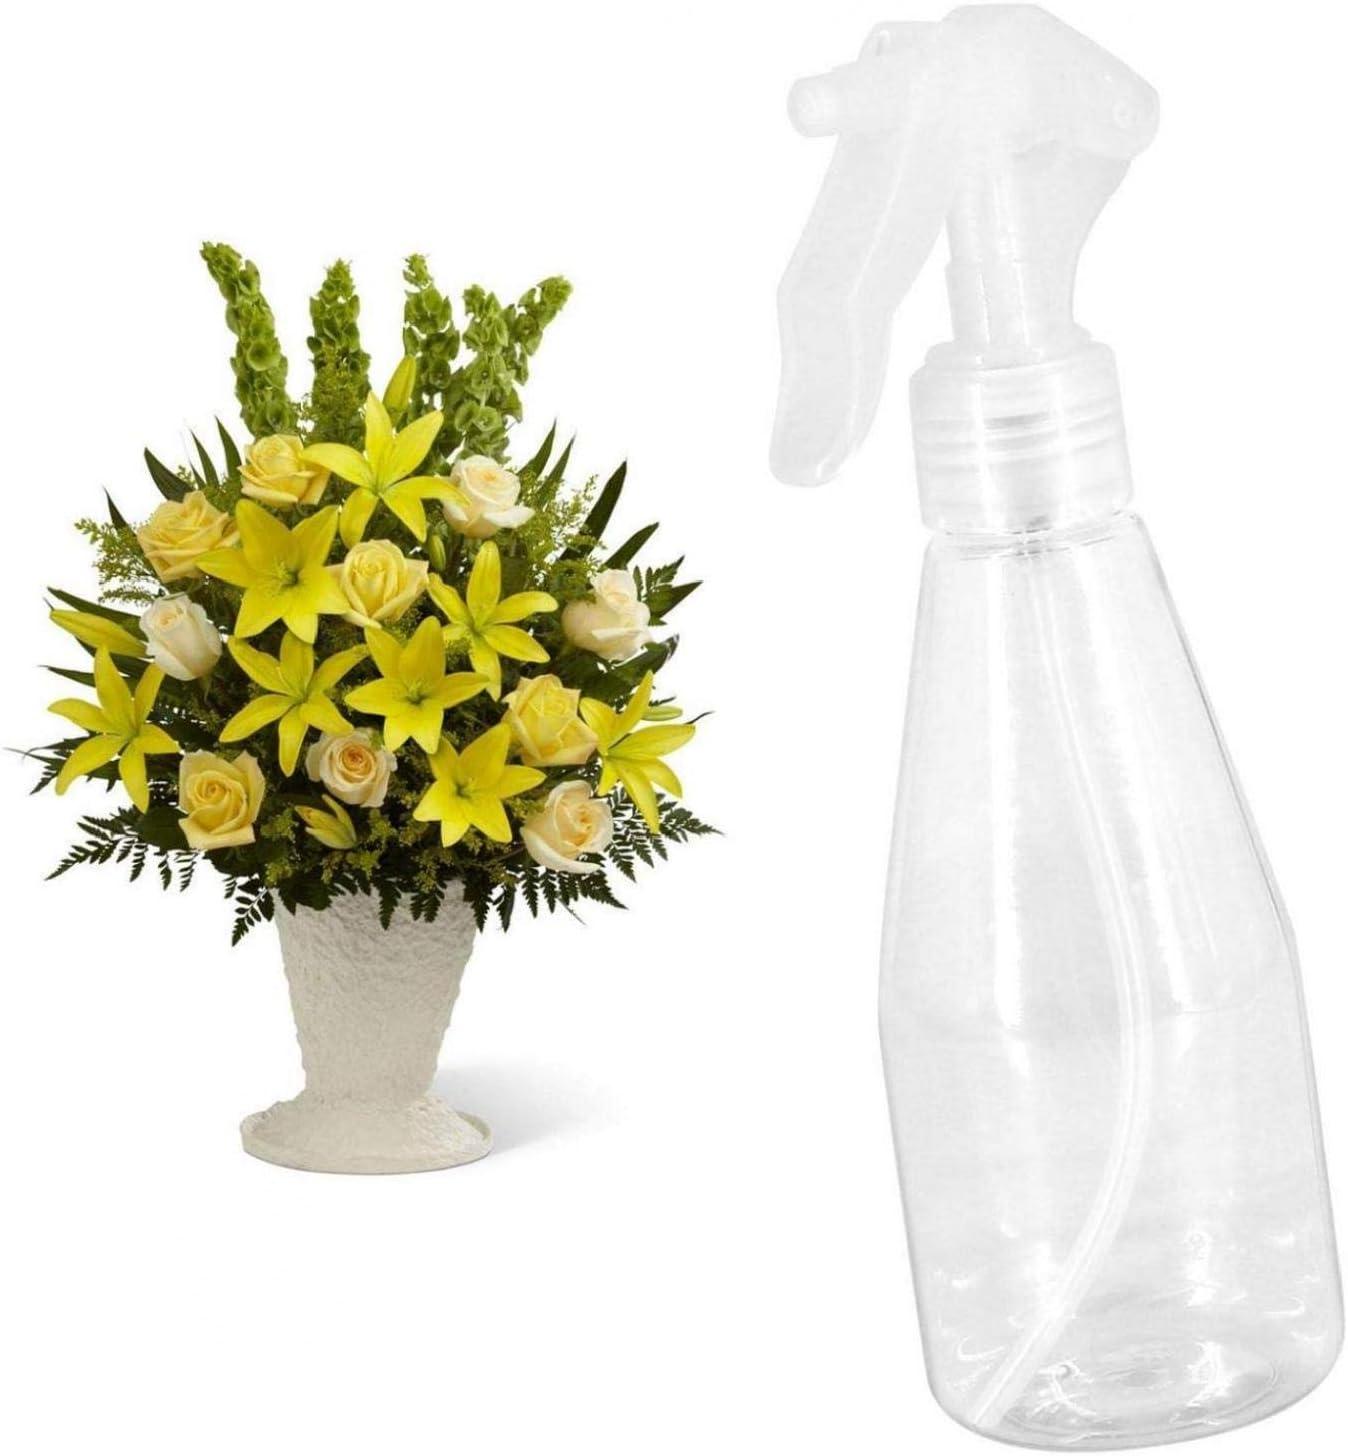 Casecover 3pcs Plastique Vide Mist Vaporisateur pour Manuellement Plantes De Jardin Portable /À La Main Trigger Pulv/érisateurs